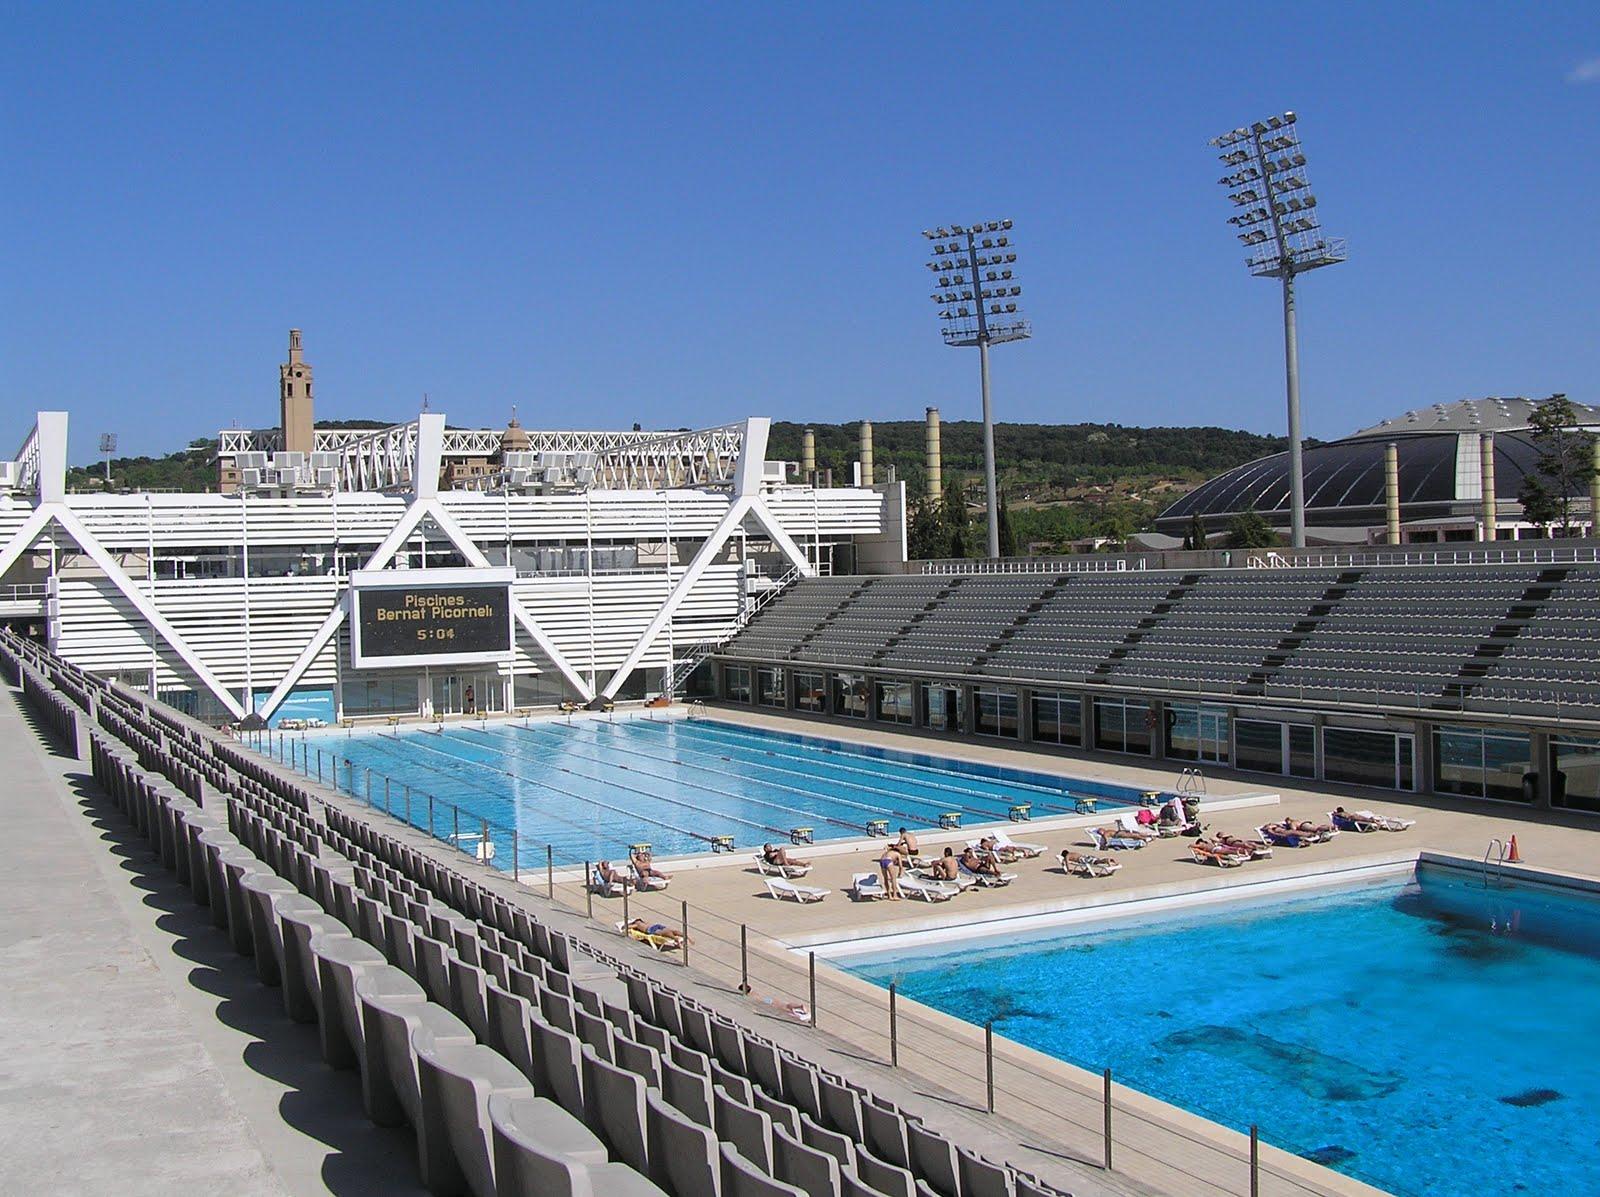 barcelona del 39 92 piscines bernat picornell On piscina bernat picornell